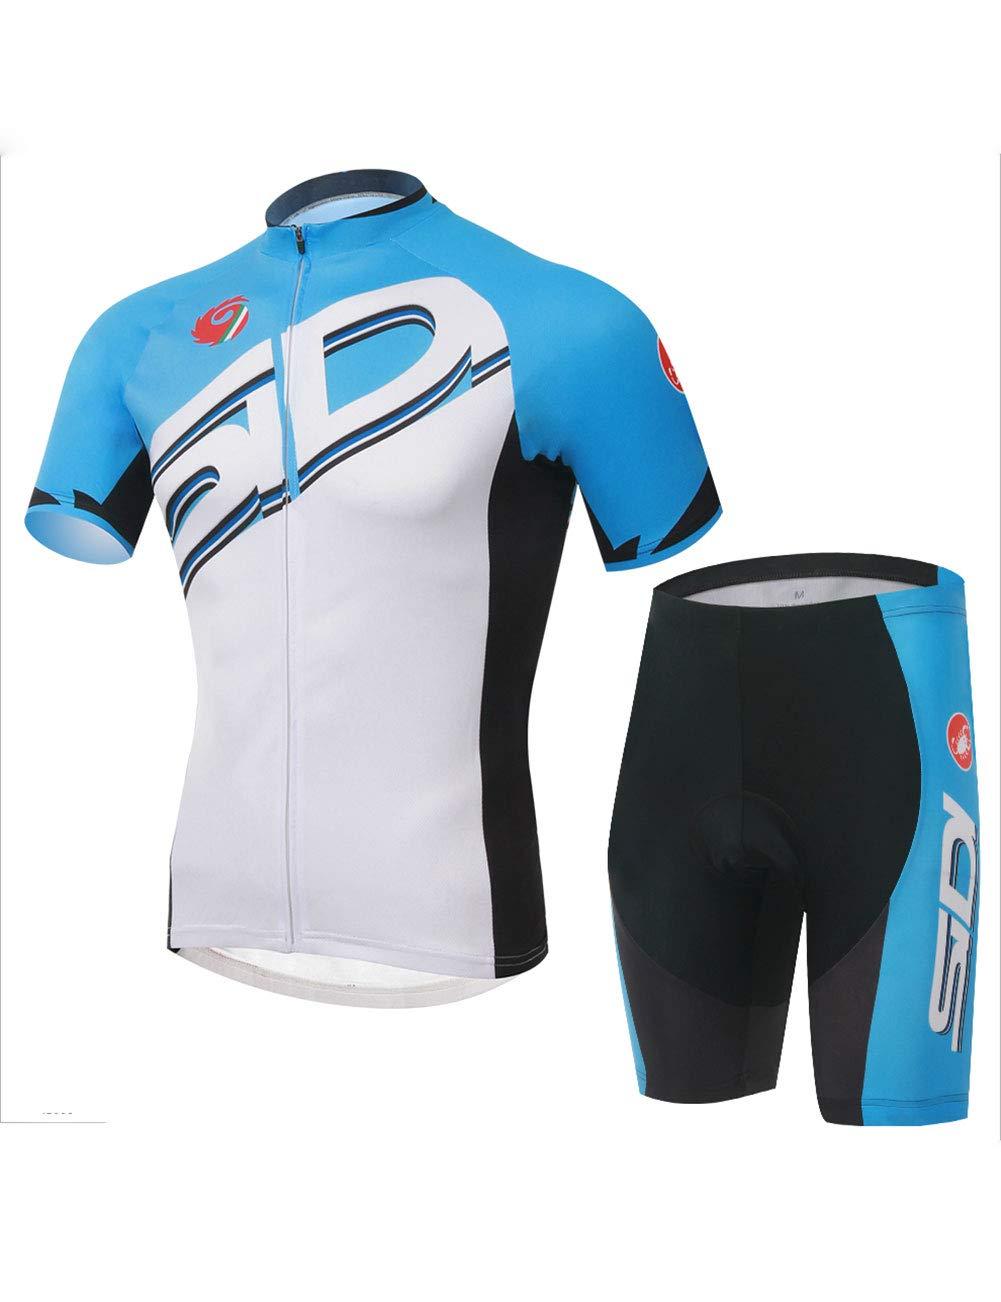 Fonly Sommer Männer und Frauen Blau Jersey Kurzarm Anzug Mountainbike Radfahren Shorts Ausgestattet Fahrradkleidung Radfahren Jersey